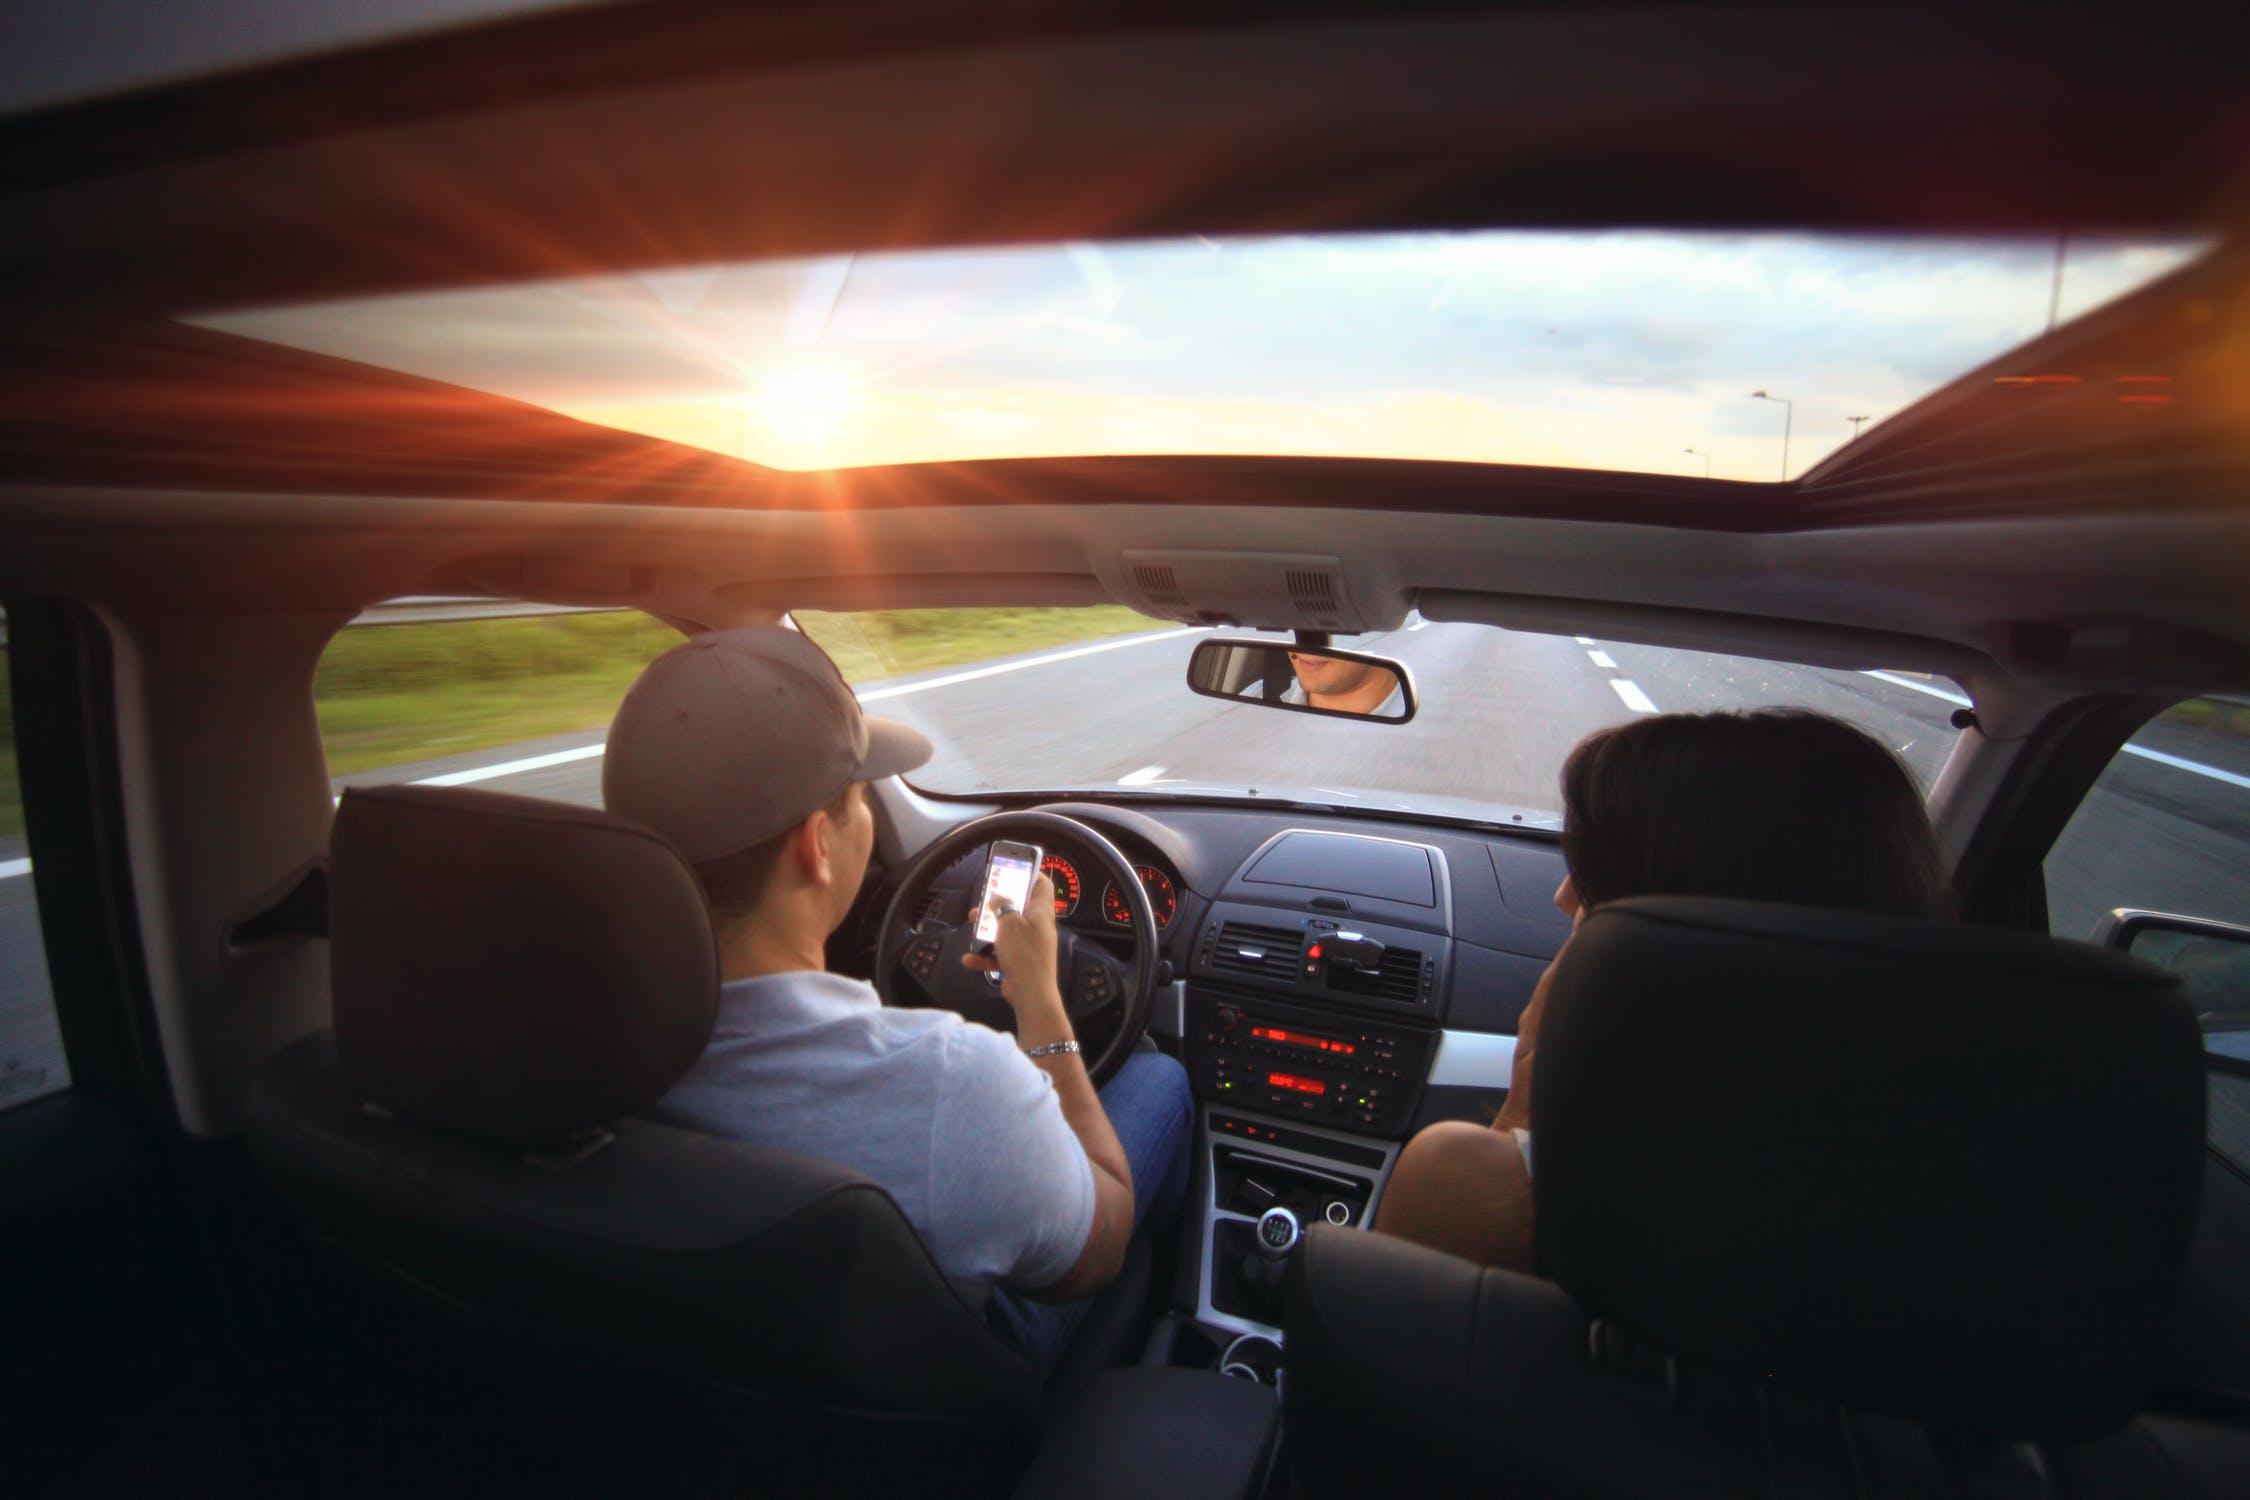 ติดฟิล์มรถยนต์ ฟิล์มกรองแสงรถยนต์ ฟิล์มกระจกรถยนต์ ฟิล์มรถยนต์ยี่ห้อไหนดี